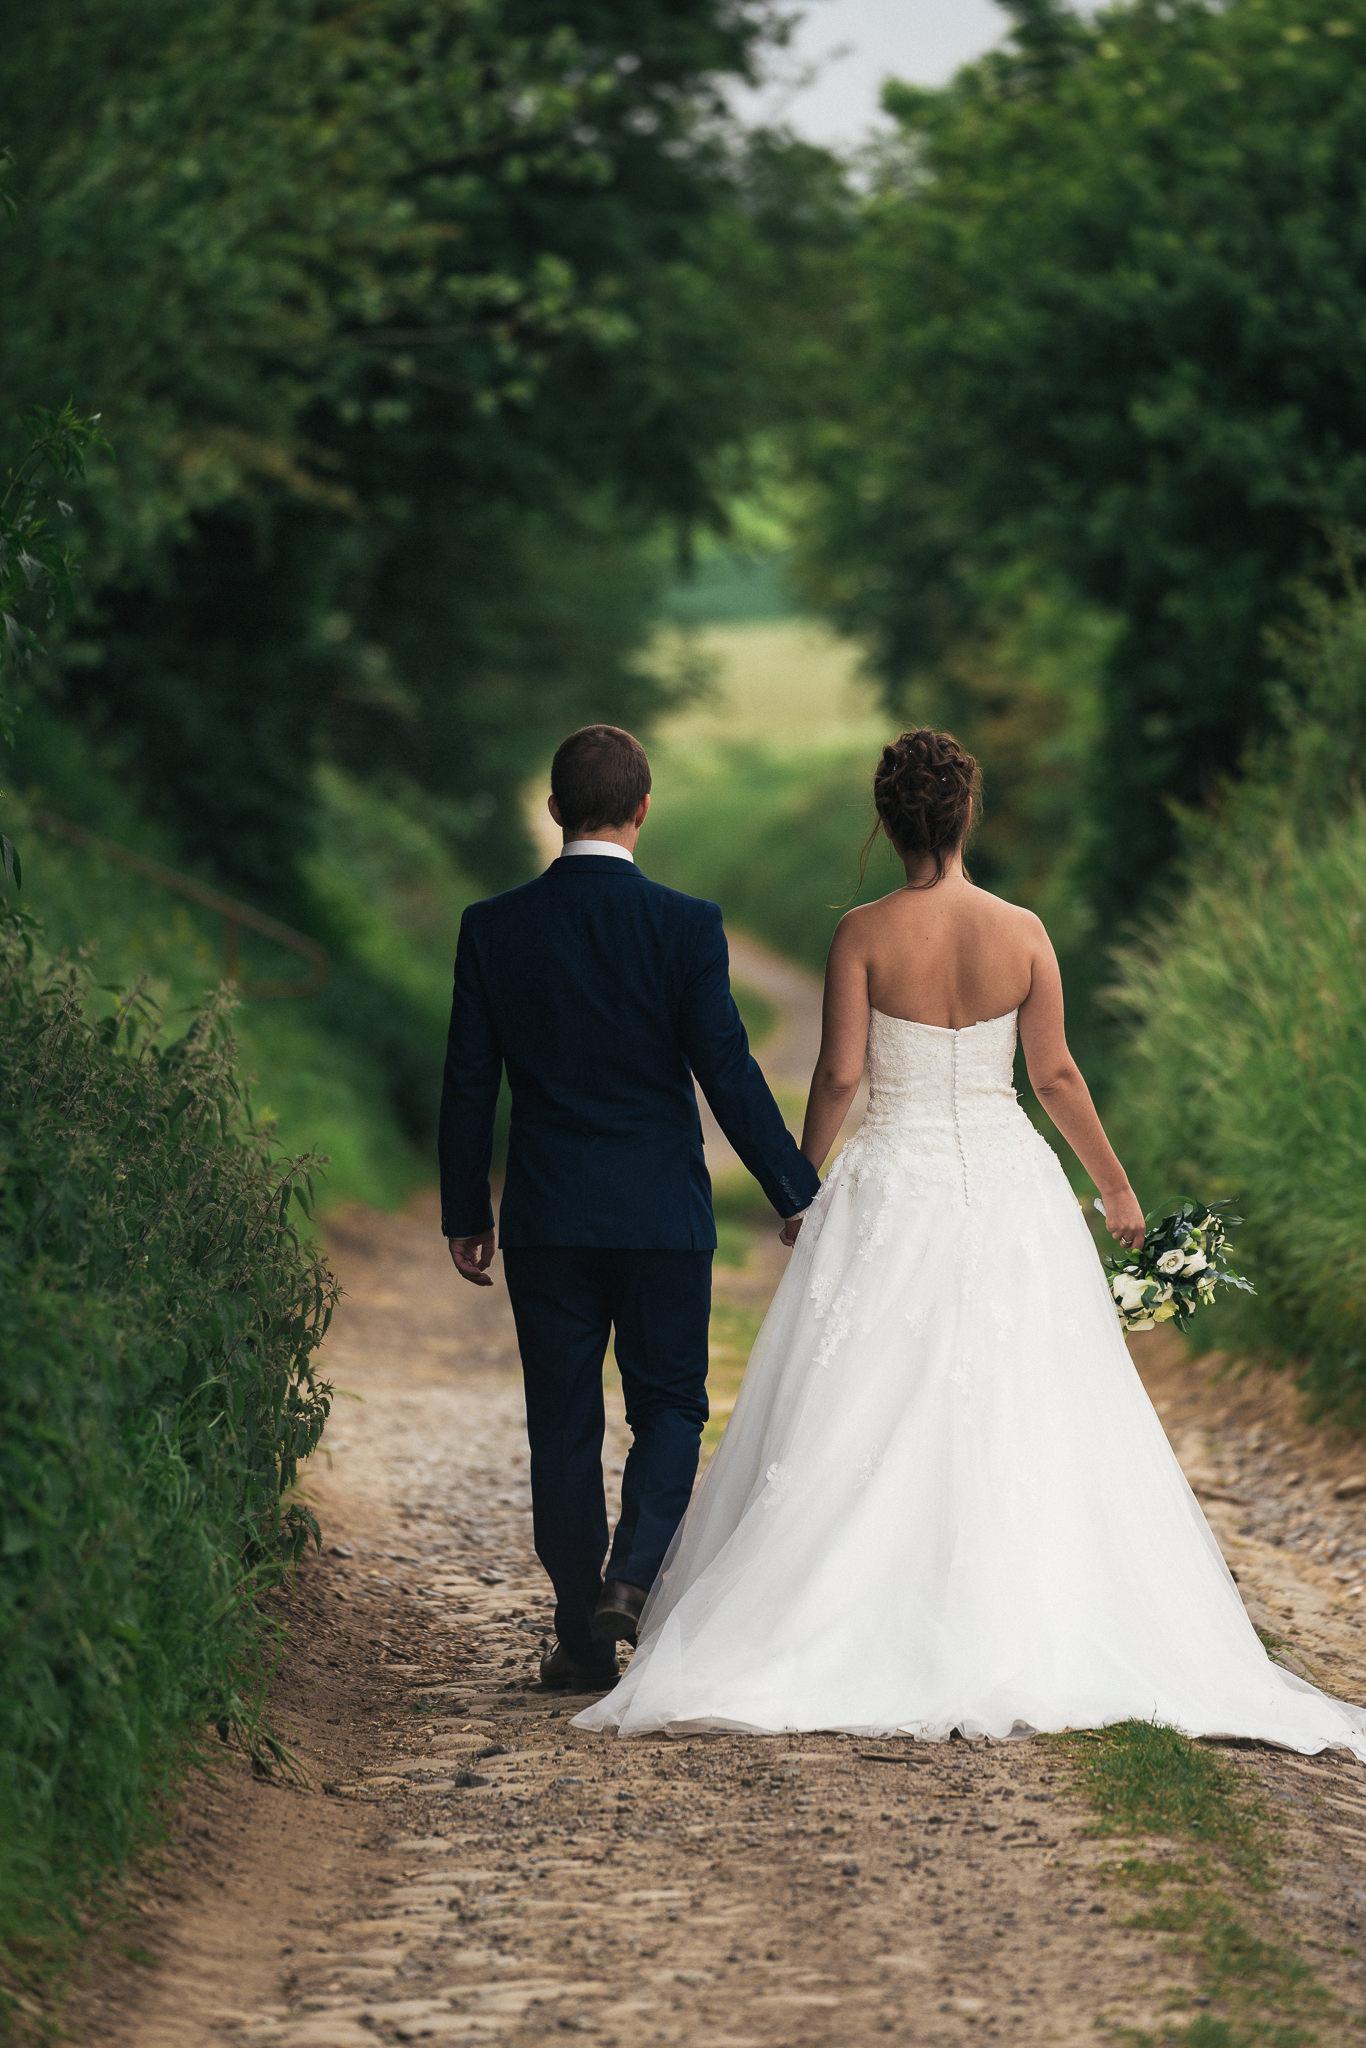 Wedding-Margaux&Nicolas-19052018-reduced-11.jpg